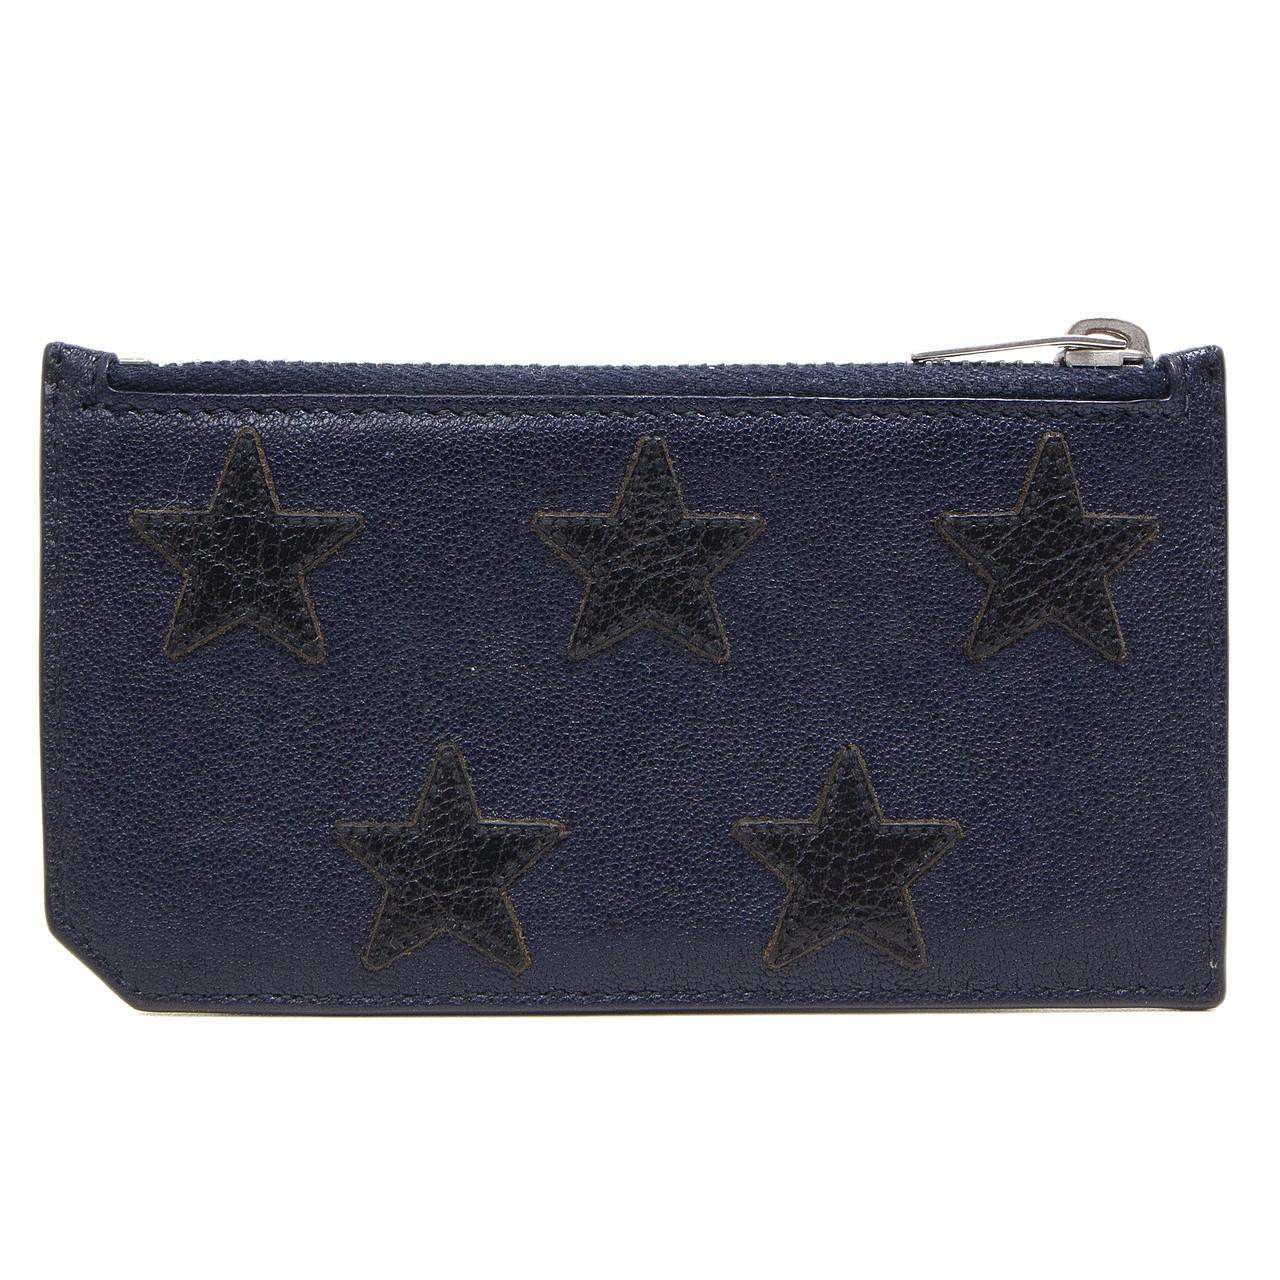 detailed look e4e3a 0f584 Saint Laurent Navy Calfskin Five Fragments Stars Zip Pouch Card Holder